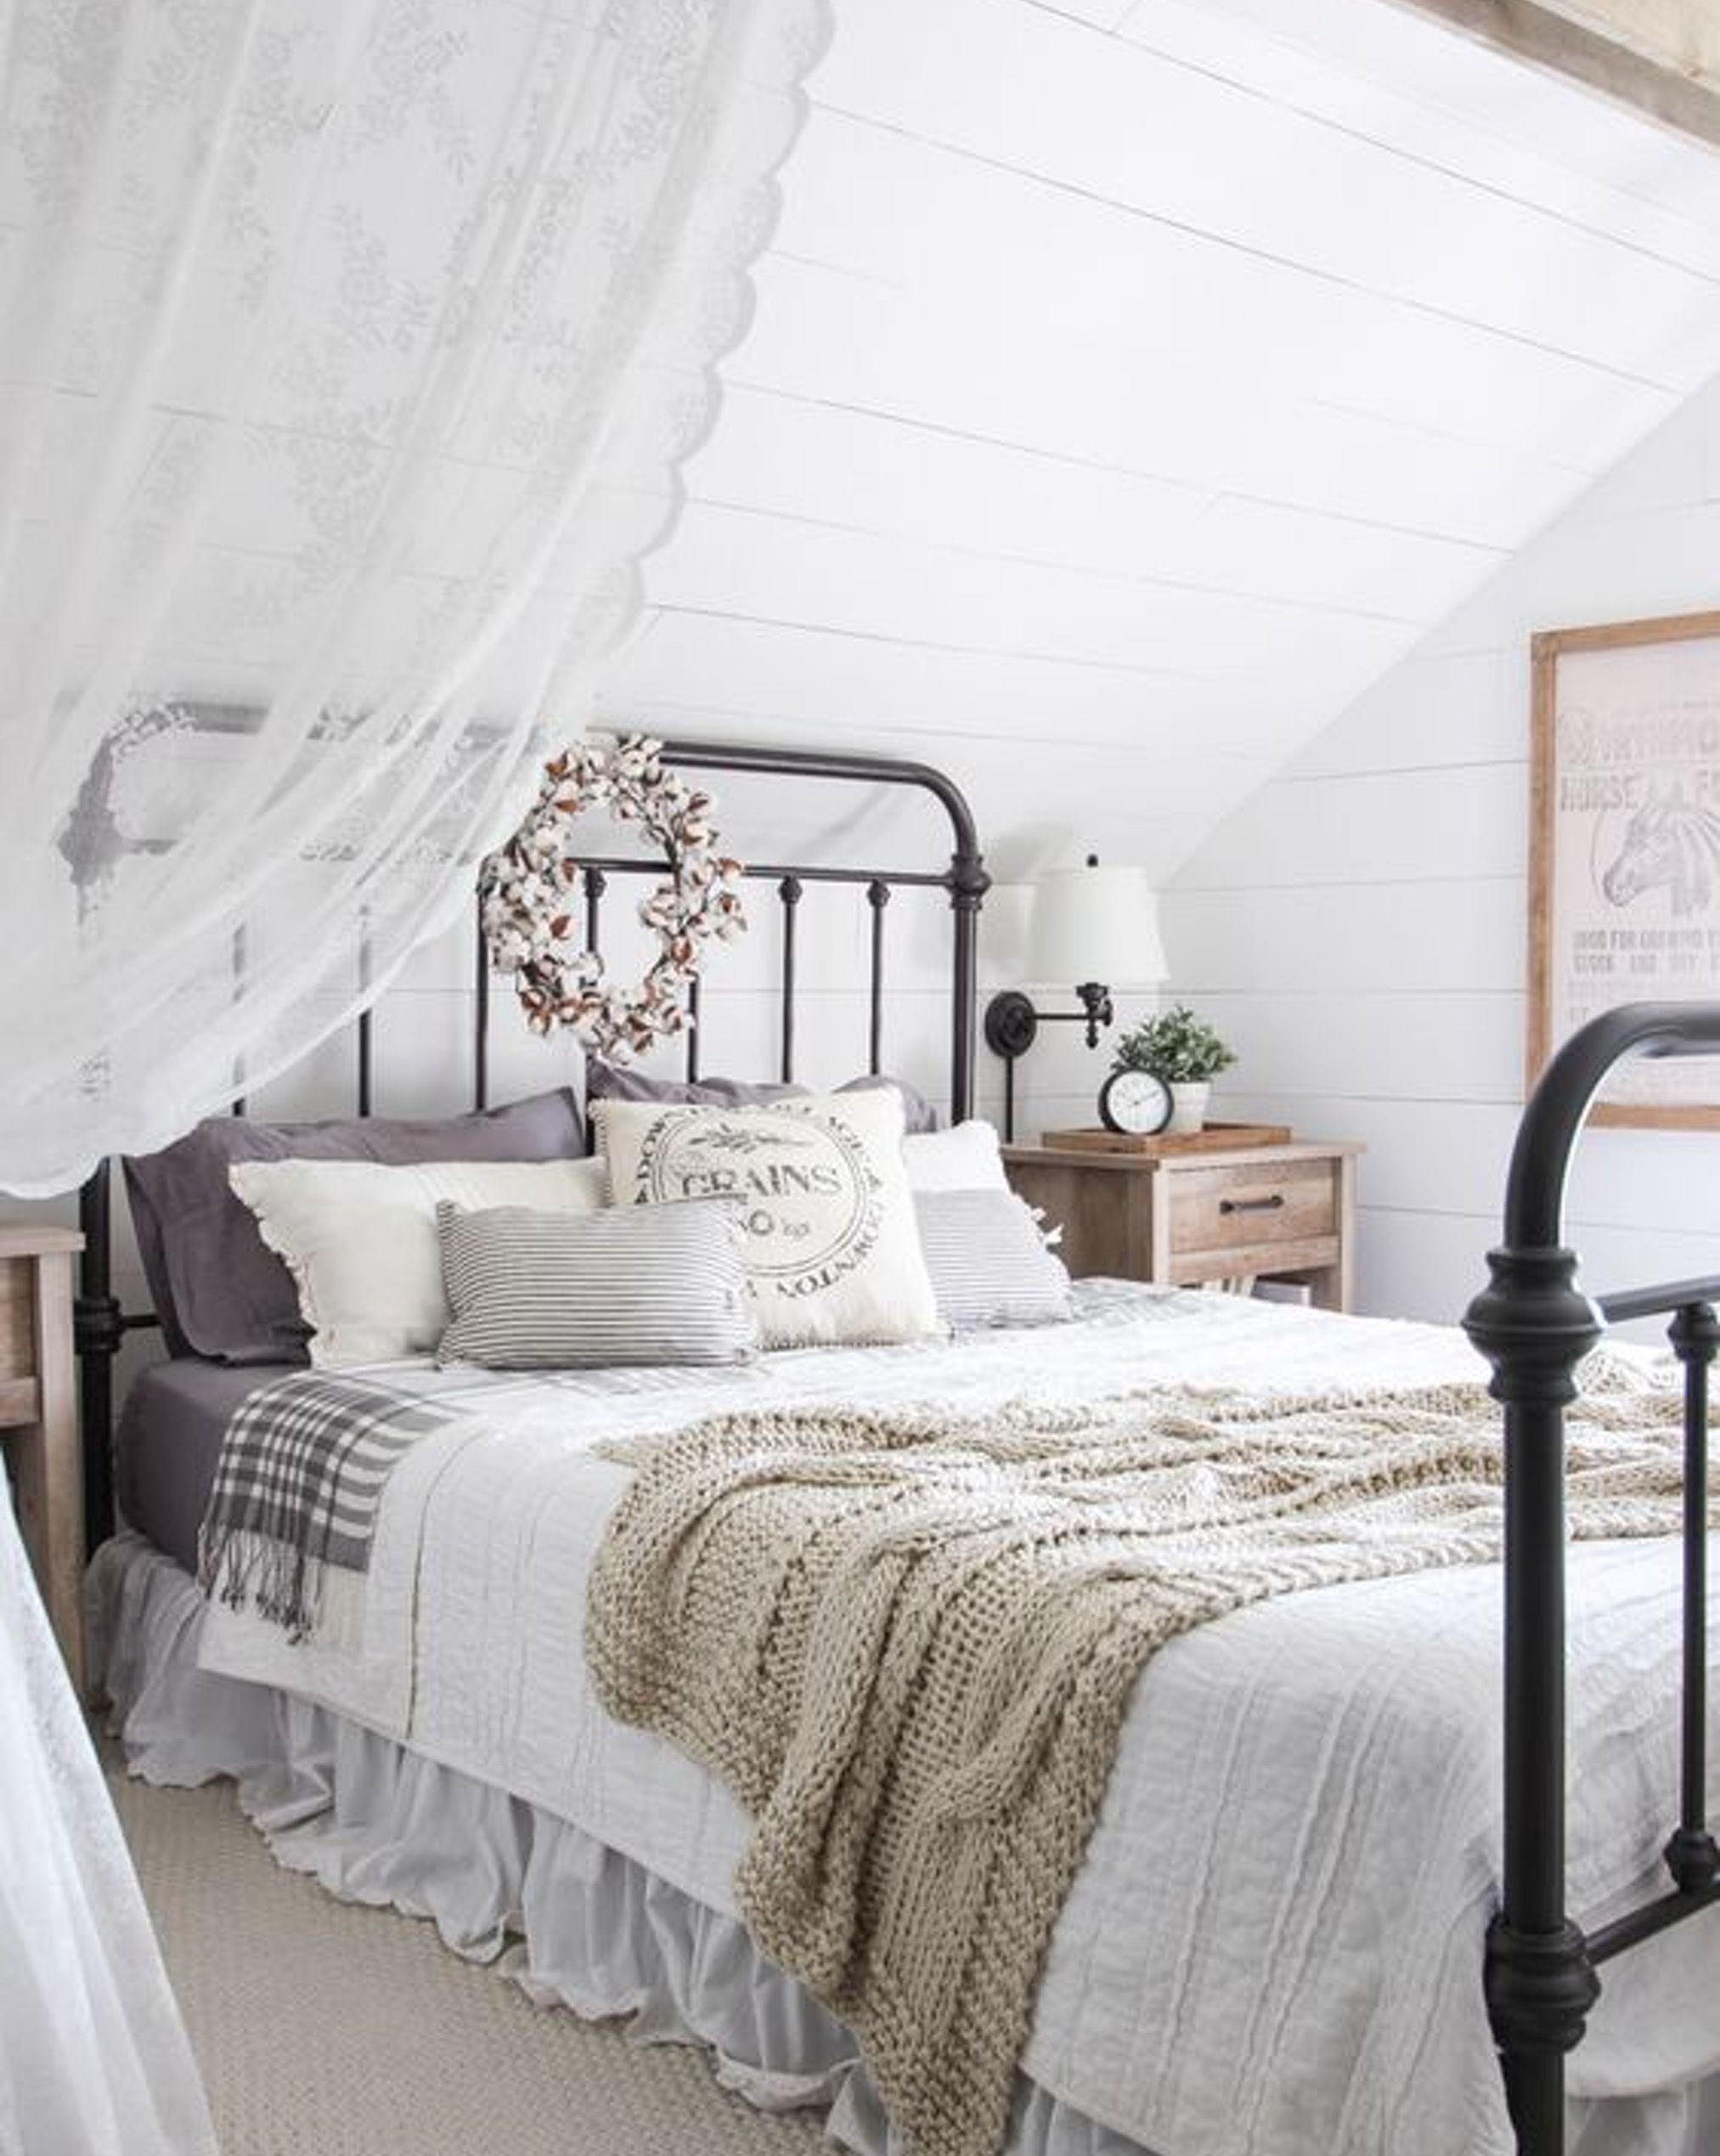 15 ý tưởng màu sắc phòng ngủ theo phong cách cổ điển ngọt ngào - Ảnh 5.